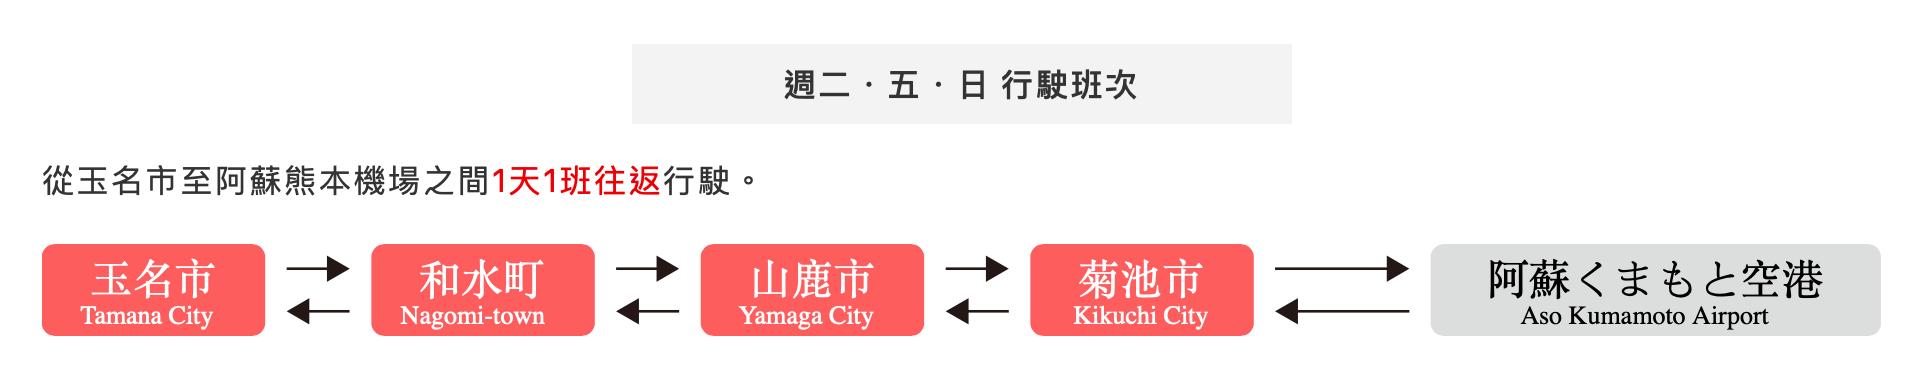 日本自由行-熊本-免費接駁巴士-5